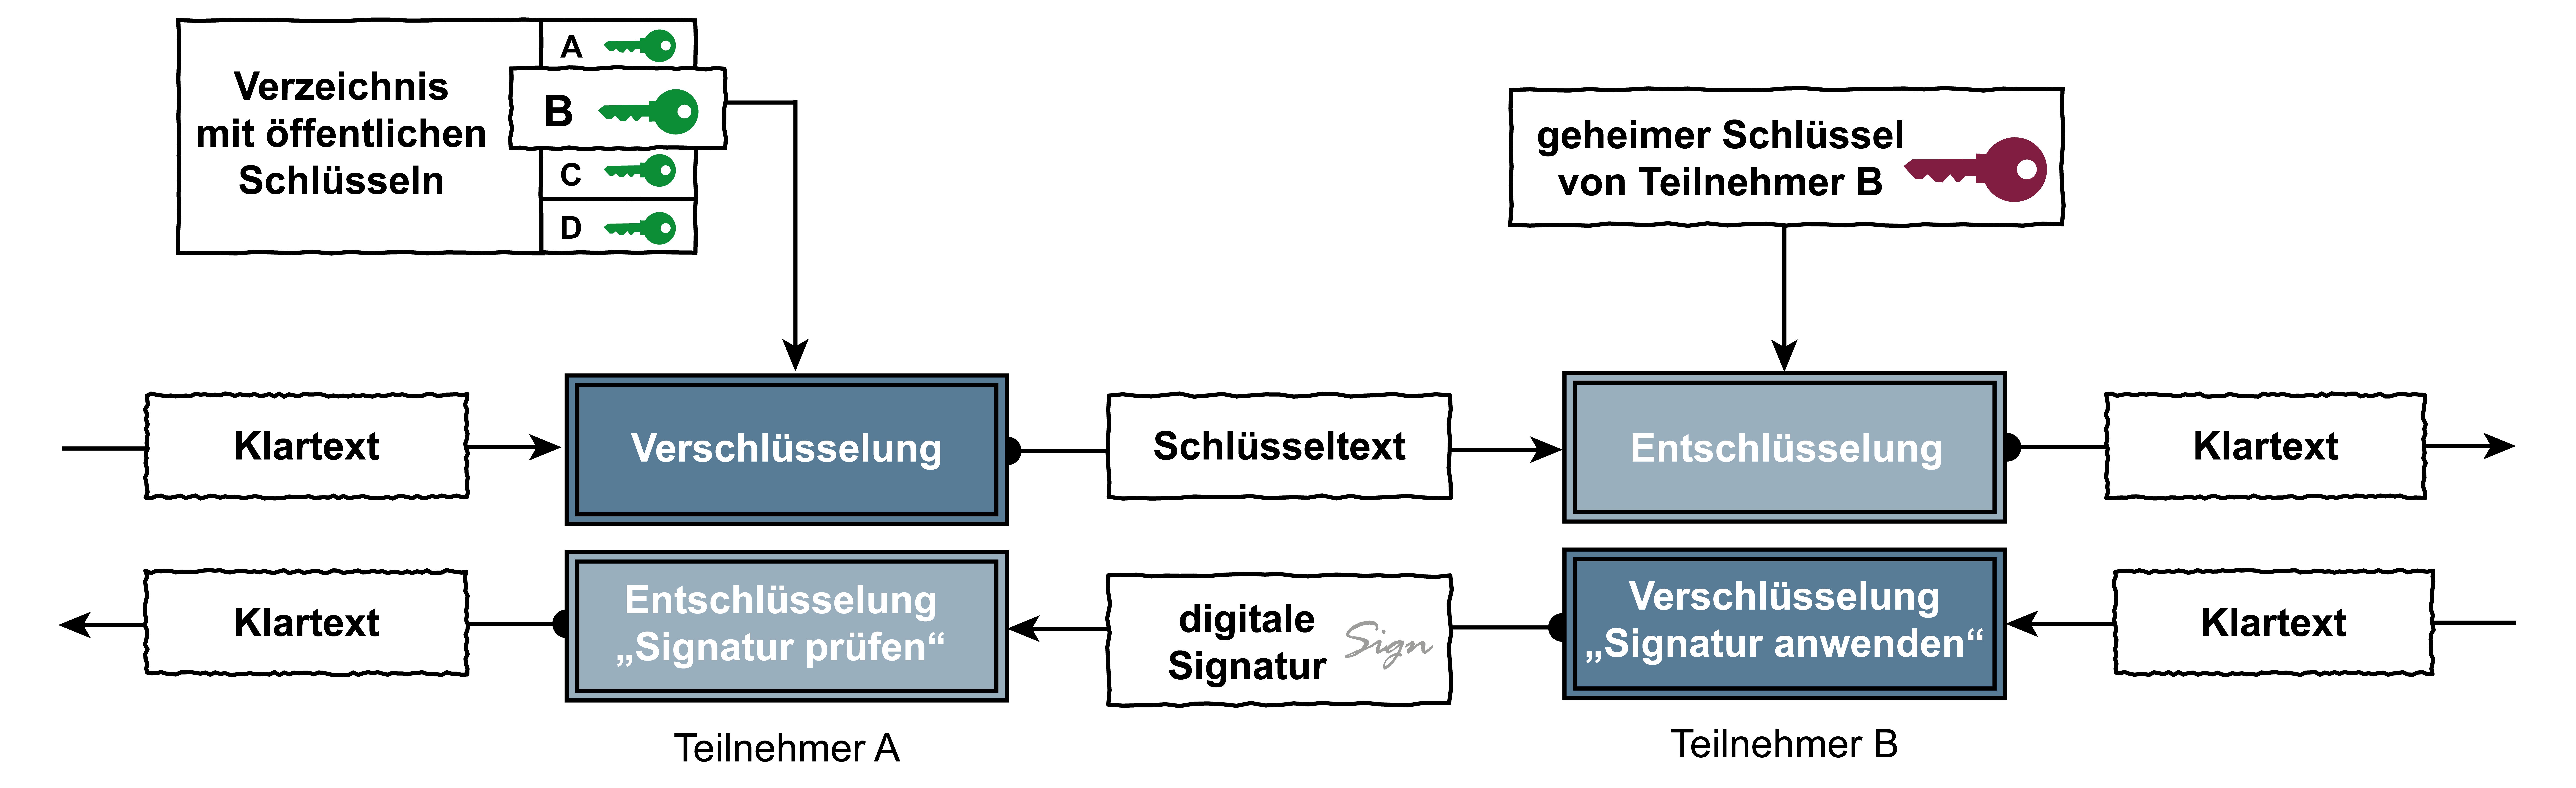 Asymmetrische Verschlusselung Glossar Prof Pohlmann